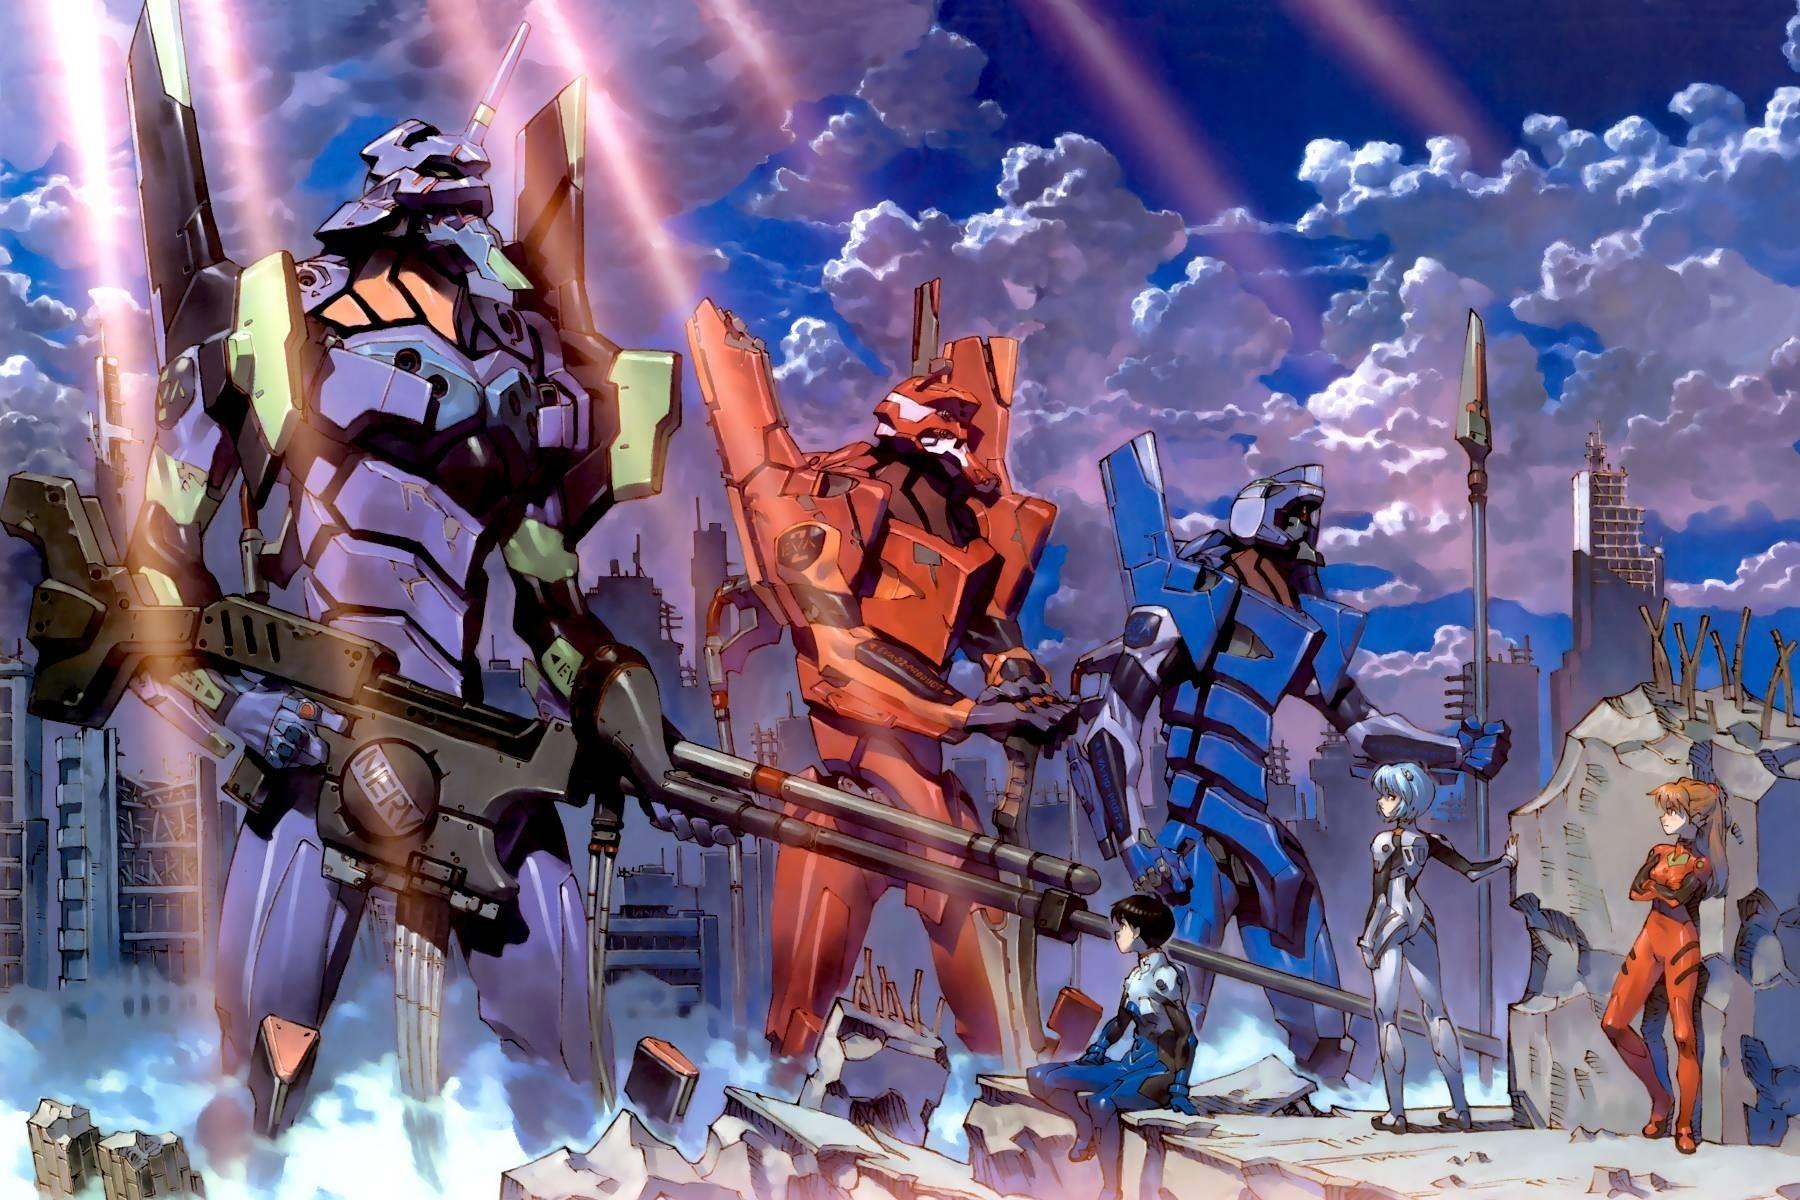 Imagem de 10 animes dos anos 90 que todo otaku de verdade precisa ver no tecmundo